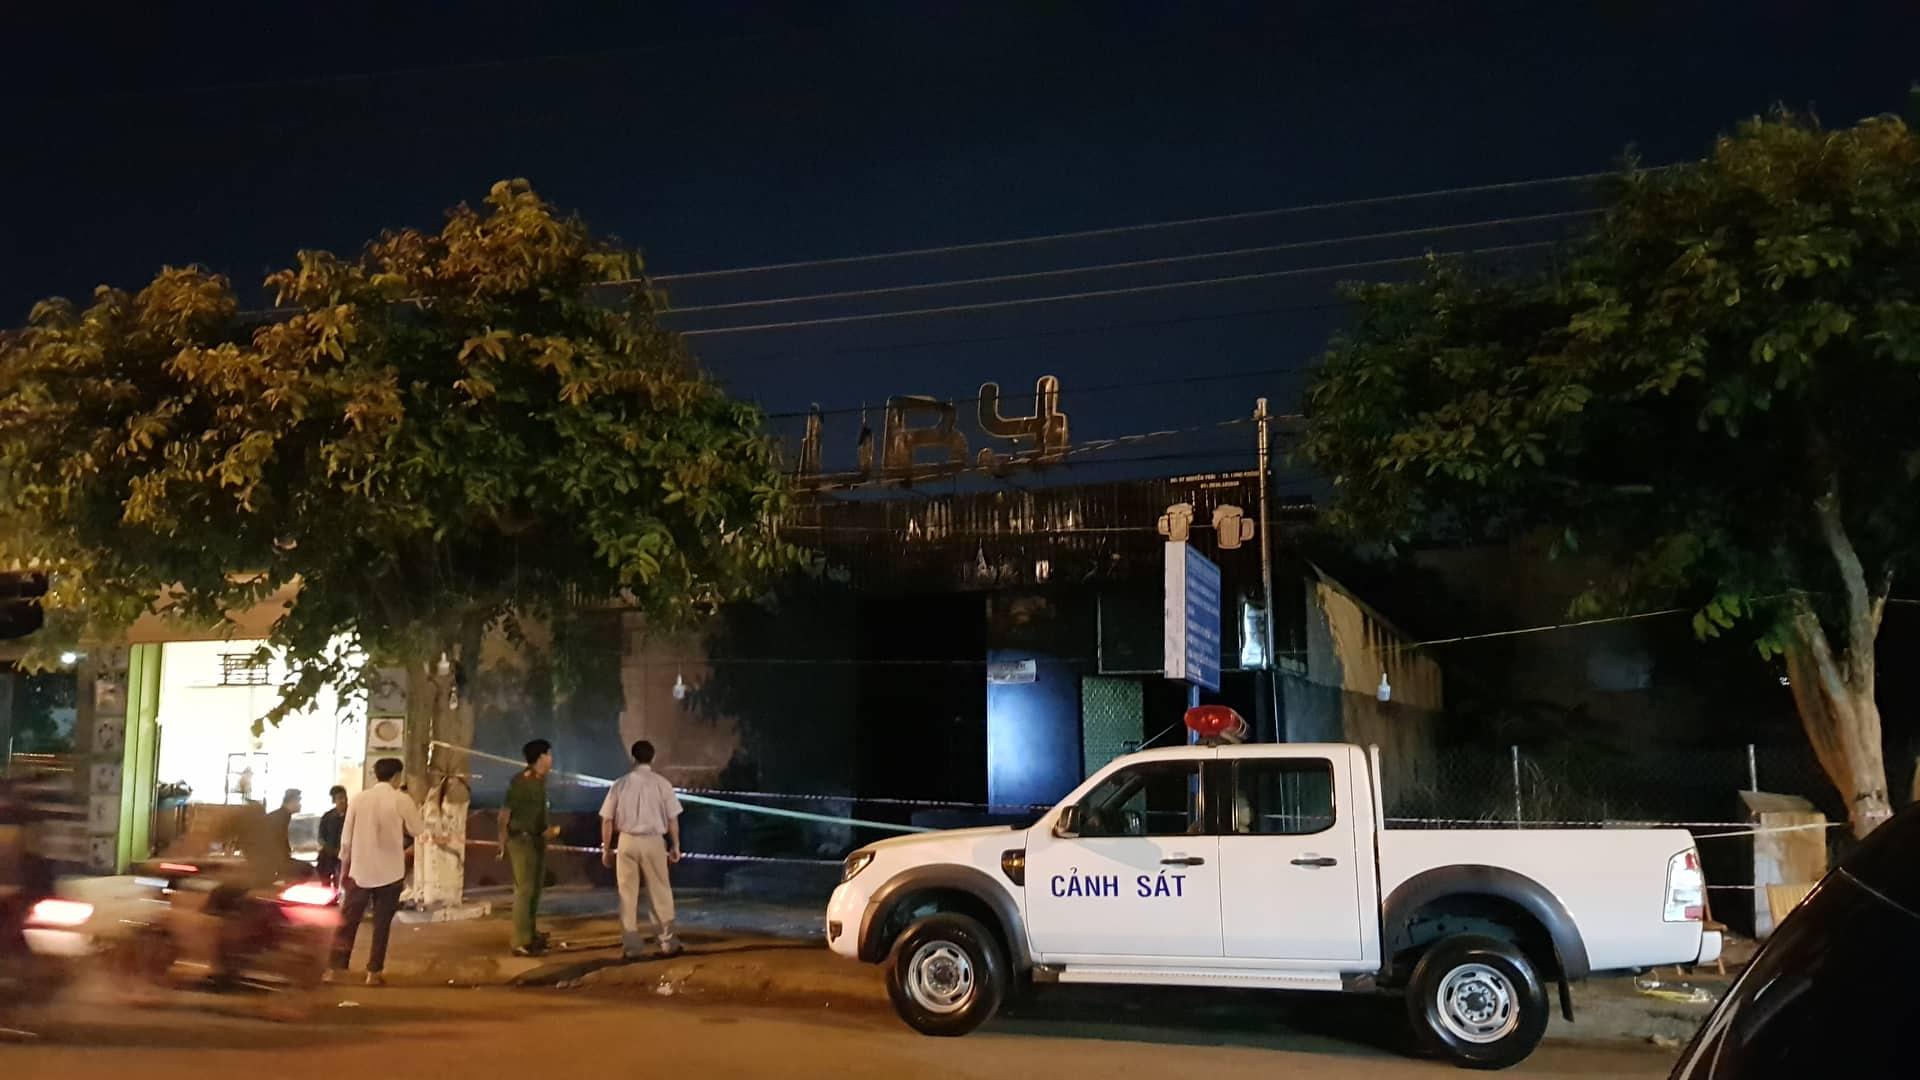 Vì sao 6 người chết trong vụ cháy nhà hàng ở Đồng Nai? - Ảnh 1